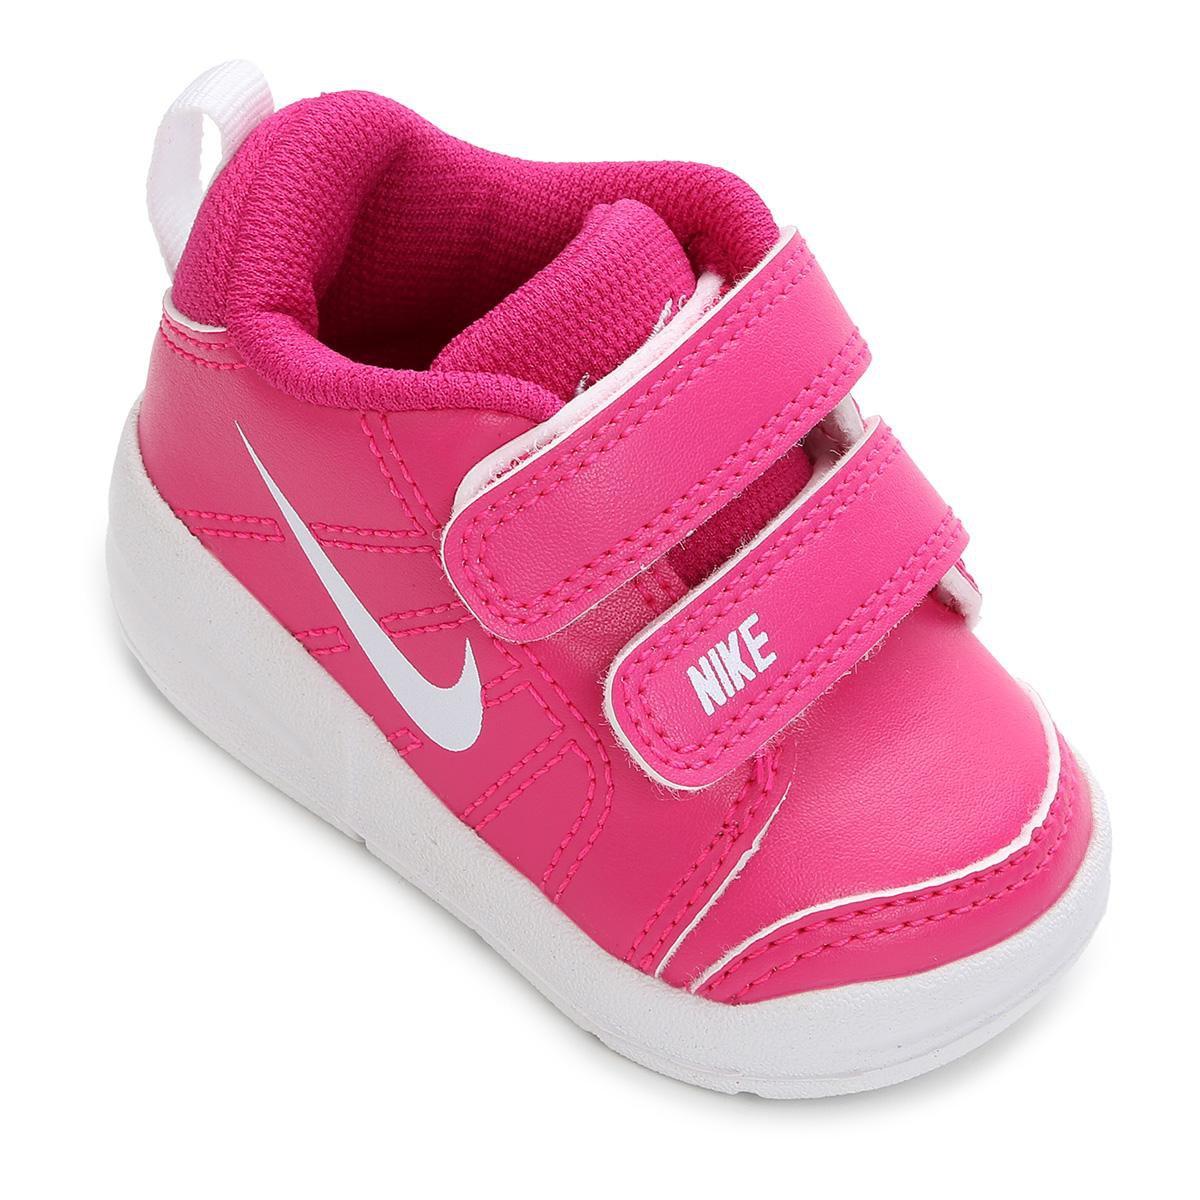 13f5e777eb7 Tênis Infantil Nike Pico Lt - Rosa e Branco - Compre Agora